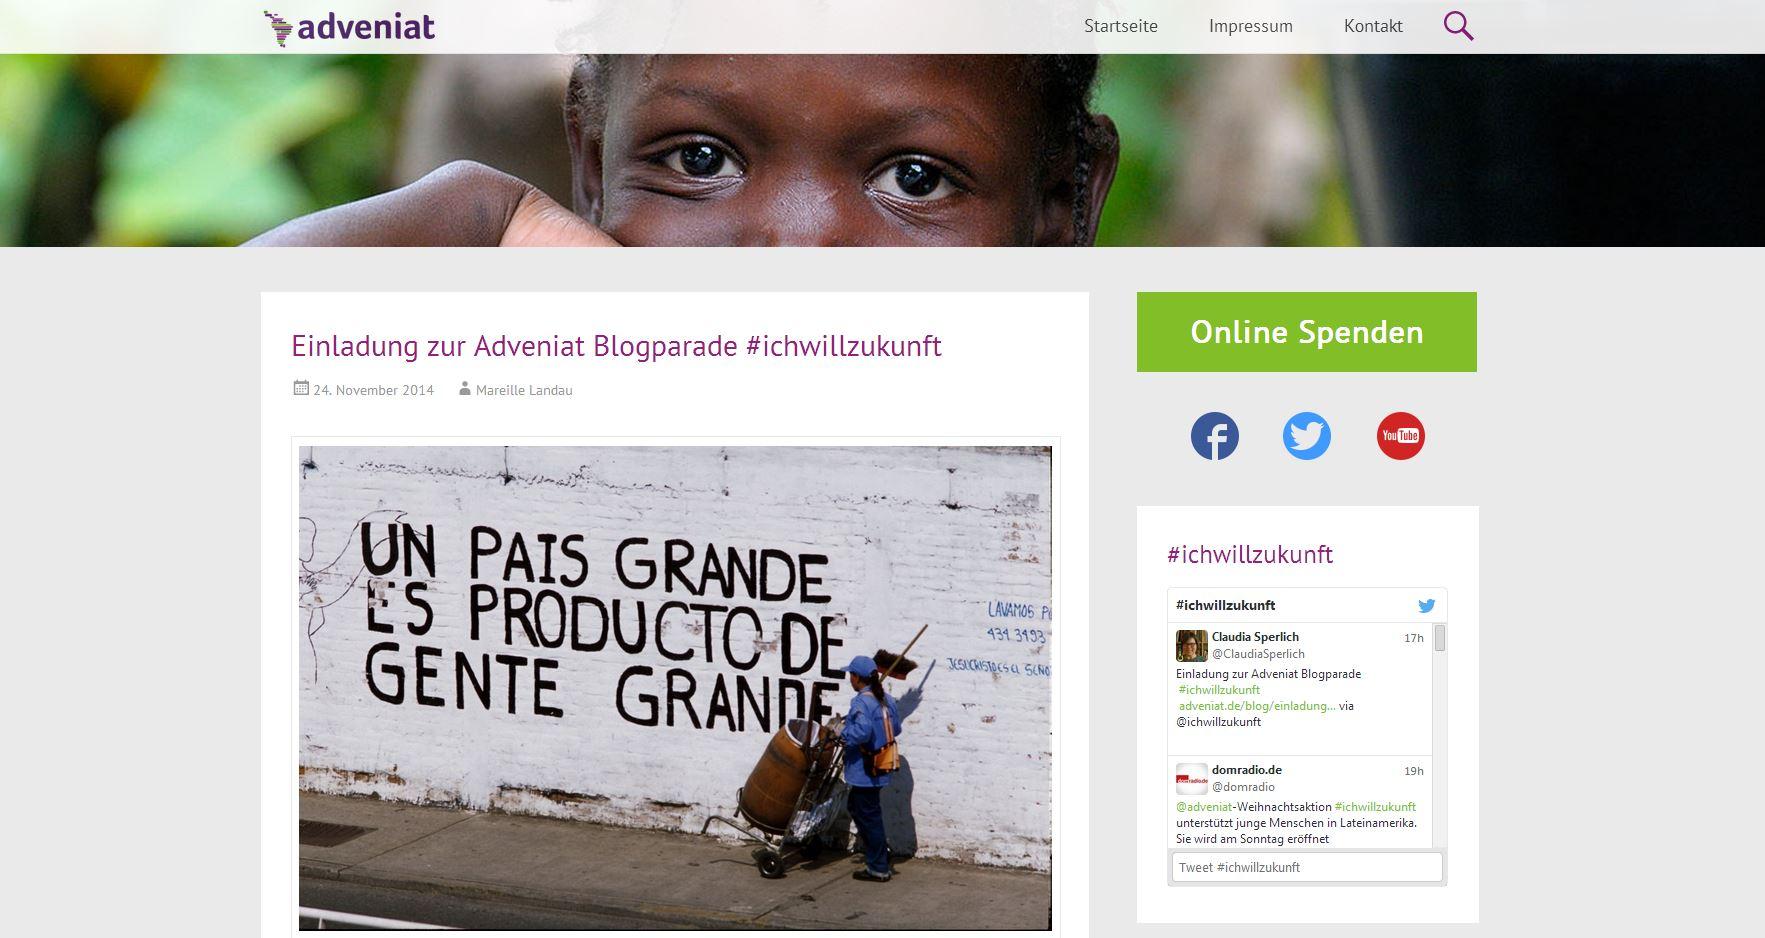 Adveniat – Blogparade